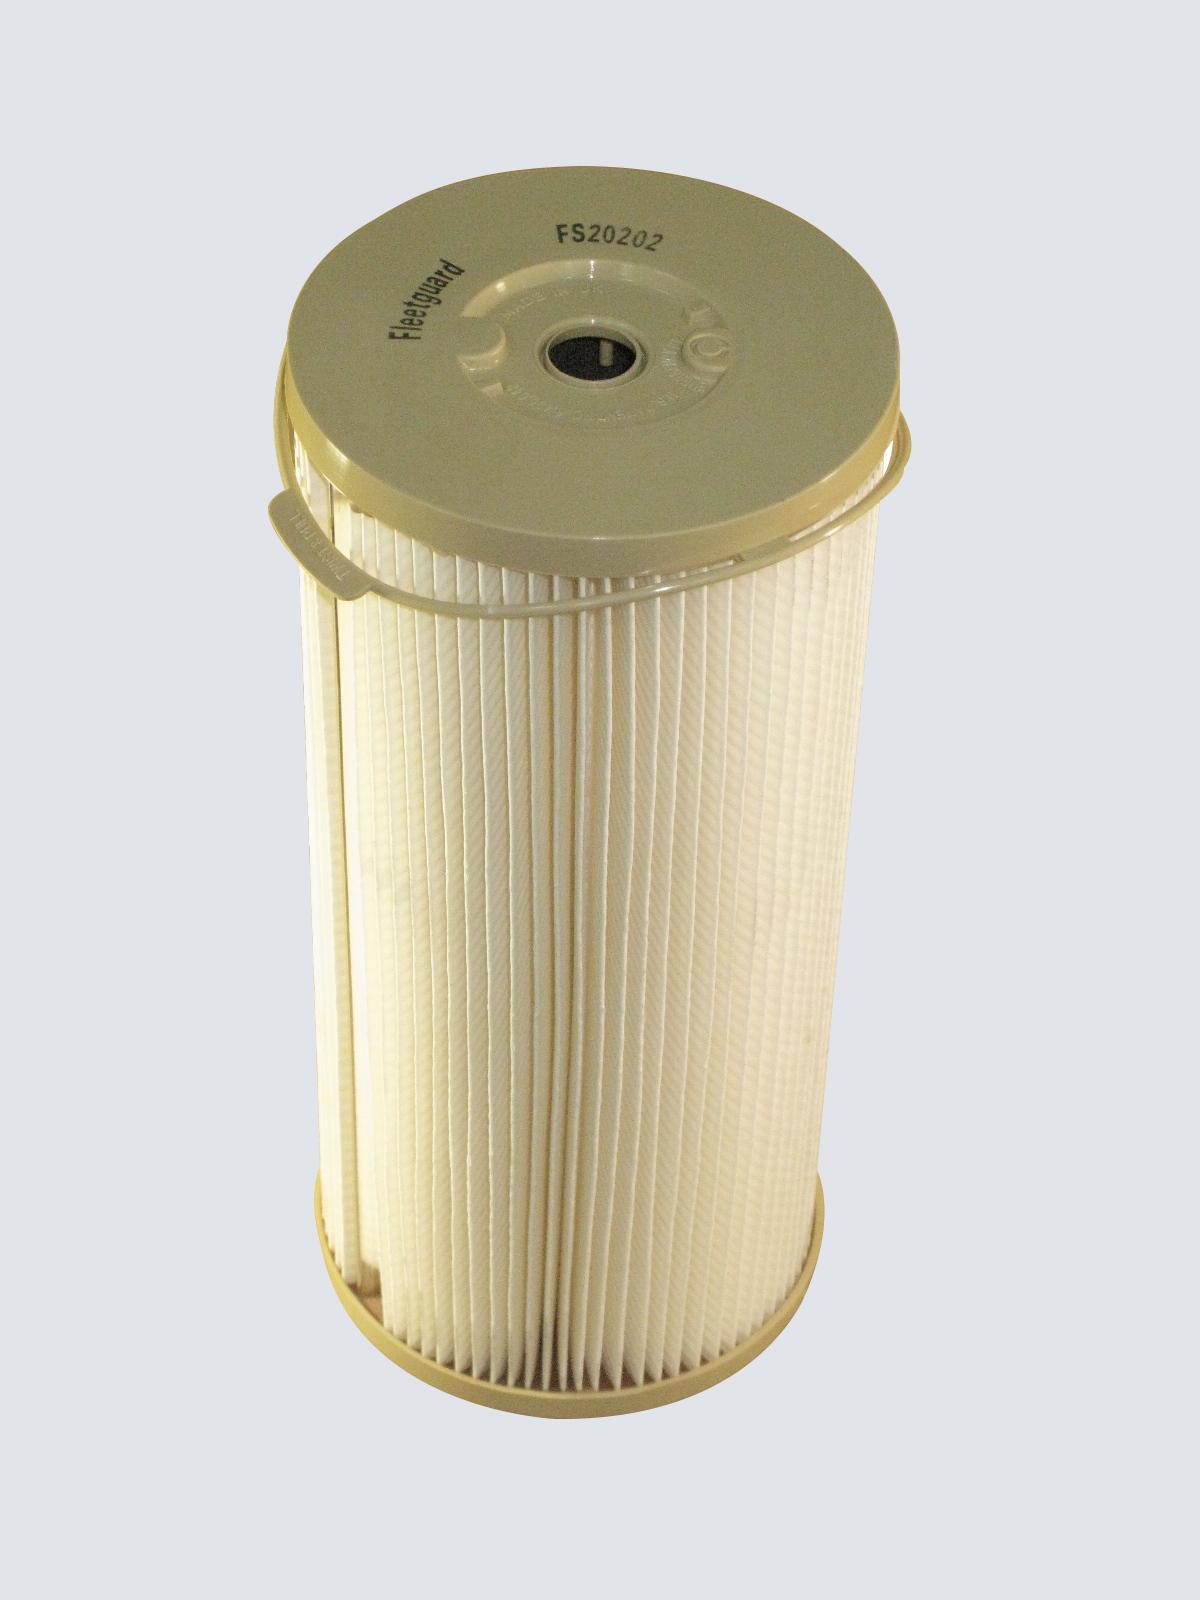 фильтр топливный fleetguard fs20202